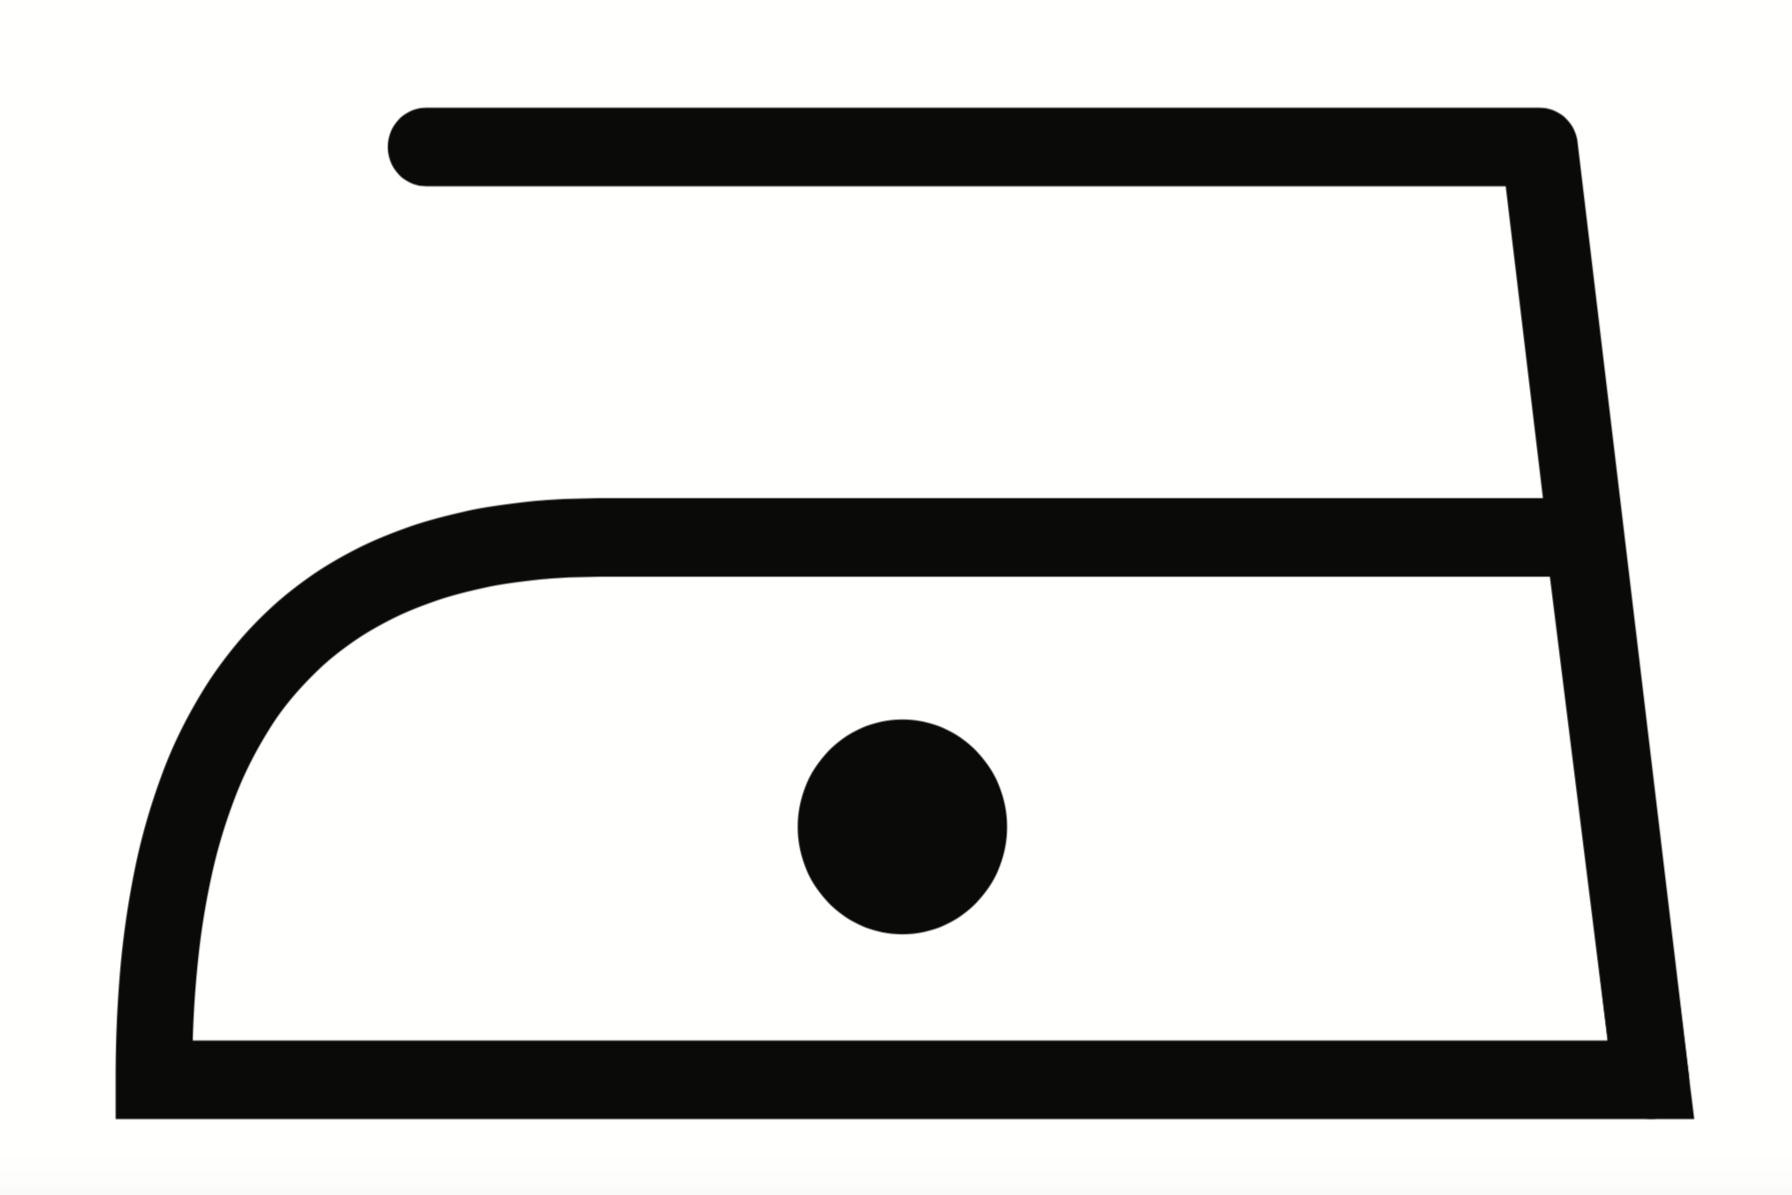 Iron on Low Heat - 110 Degrees - Ved presning bruges gerne masser af damp! Hvis ulden er blandet med akryl, må du ikke bruge højere grader endenne prik står for (110 grader).